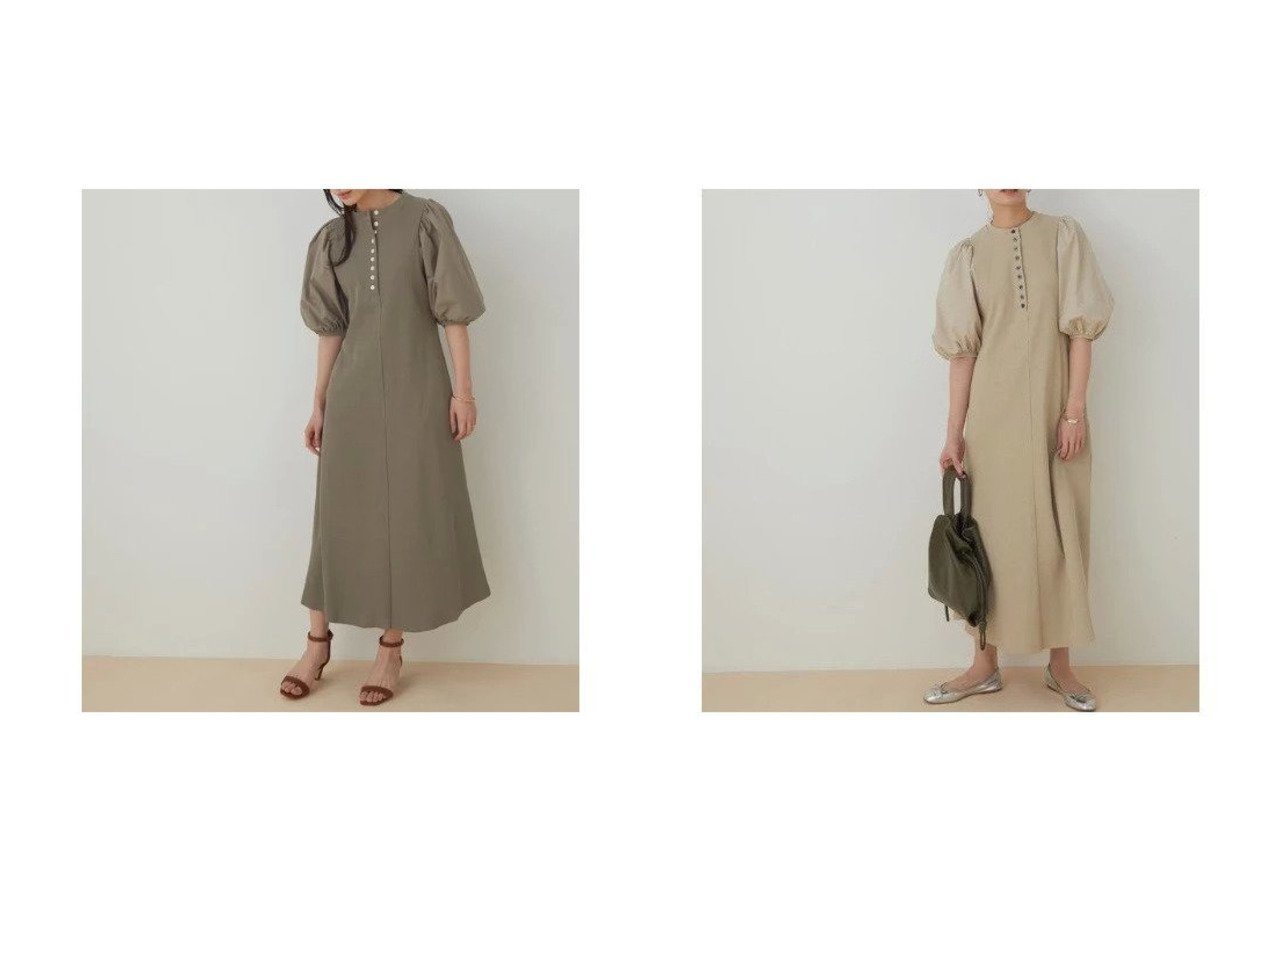 【ADAM ET ROPE'/アダム エ ロペ】の【WEB限定】ボタンディテールワンピース 【ワンピース・ドレス】おすすめ!人気、トレンド・レディースファッションの通販  おすすめで人気の流行・トレンド、ファッションの通販商品 メンズファッション・キッズファッション・インテリア・家具・レディースファッション・服の通販 founy(ファニー) https://founy.com/ ファッション Fashion レディースファッション WOMEN ワンピース Dress 春 Spring サンダル シェイプ シューズ スニーカー ドッキング フォルム フラット フレア フロント ポケット リラックス 2021年 2021 S/S・春夏 SS・Spring/Summer 2021春夏・S/S SS/Spring/Summer/2021 |ID:crp329100000027519